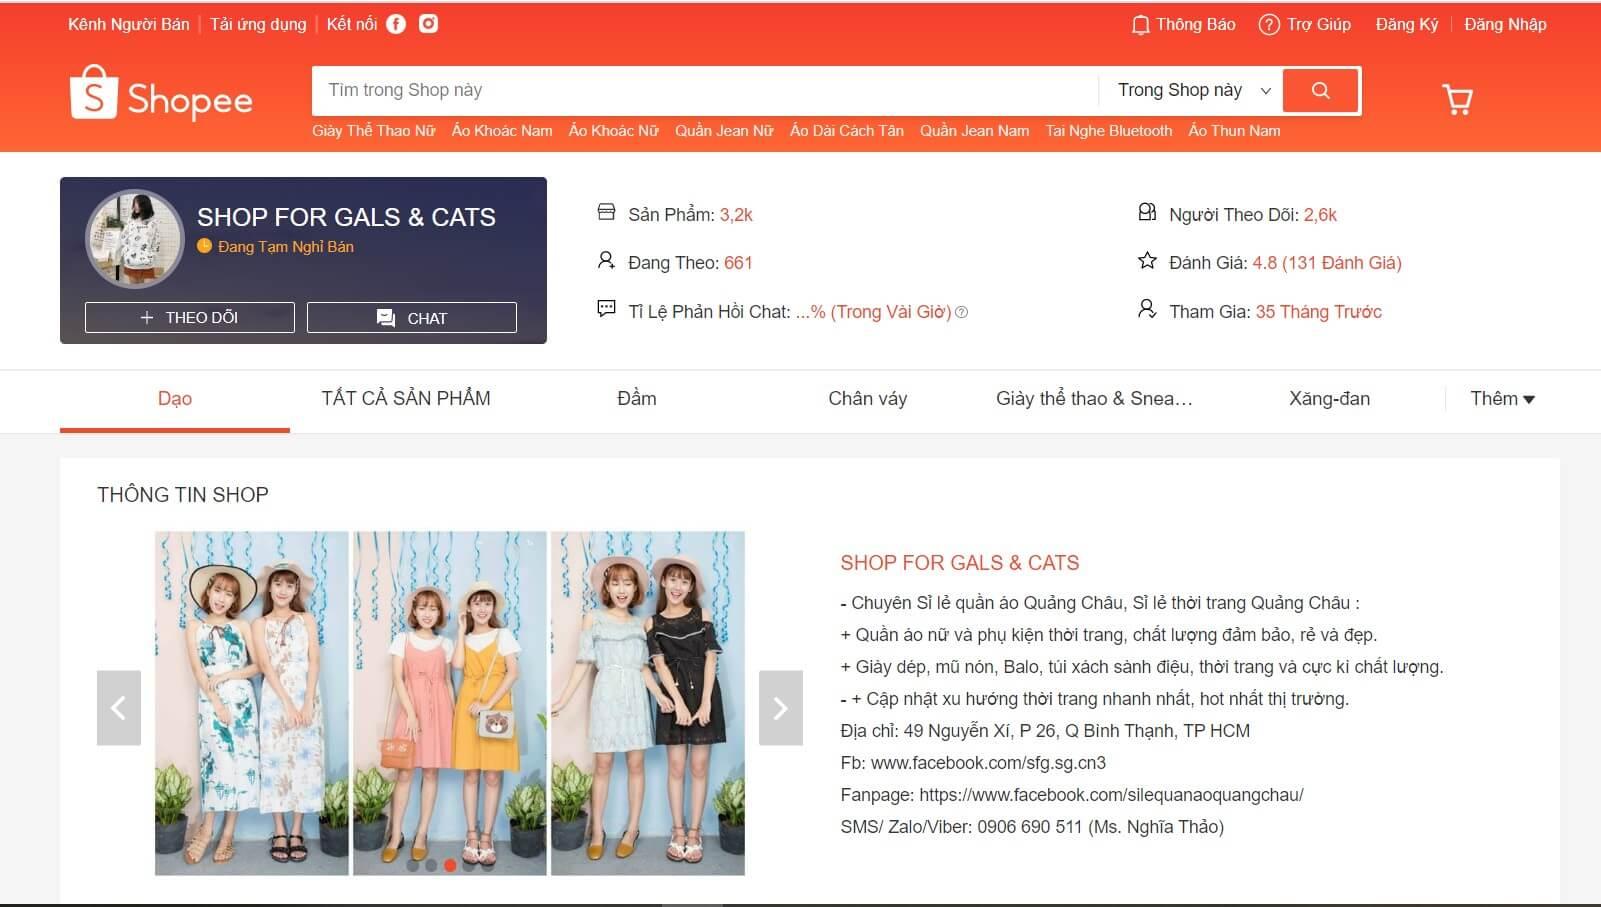 Hình ảnh từ trang bán hàng shopee.vn/galscat | Địa điểm lấy sỉ quần áo Quảng Châu